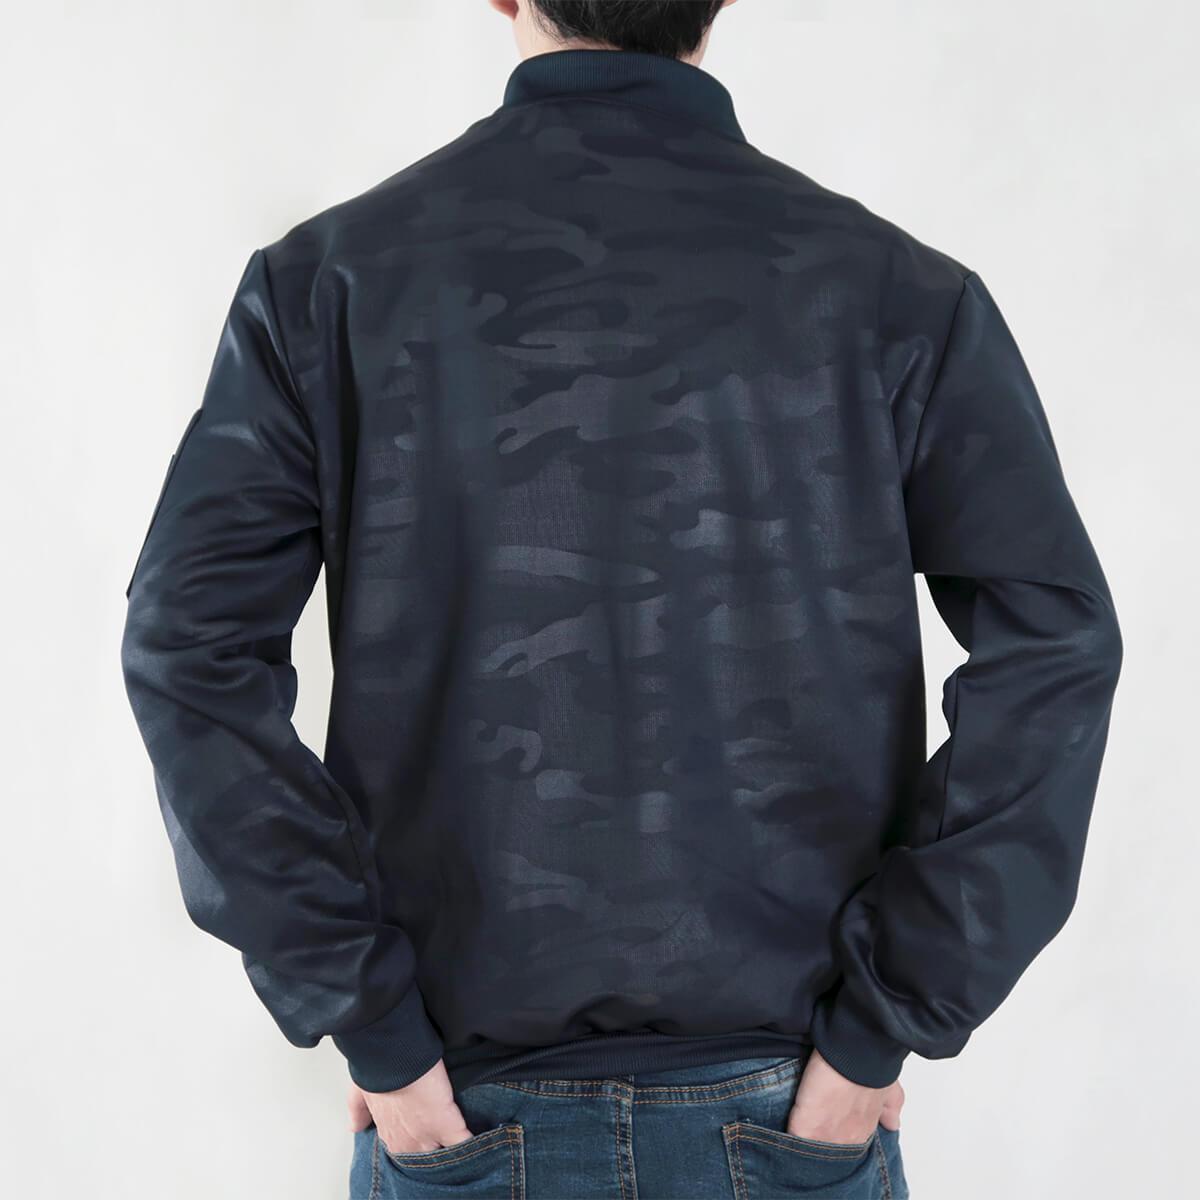 韓版迷彩飛行夾克 MA-1飛行外套 迷彩外套 空軍外套 輕量單層薄外套 MA-1 CAMOUFLAGE FLIGHT JACKET (321-8917-01)深藍色、(321-8917-02)黑色 3L 4L(胸圍48~51英吋) [實體店面保障] sun-e 7